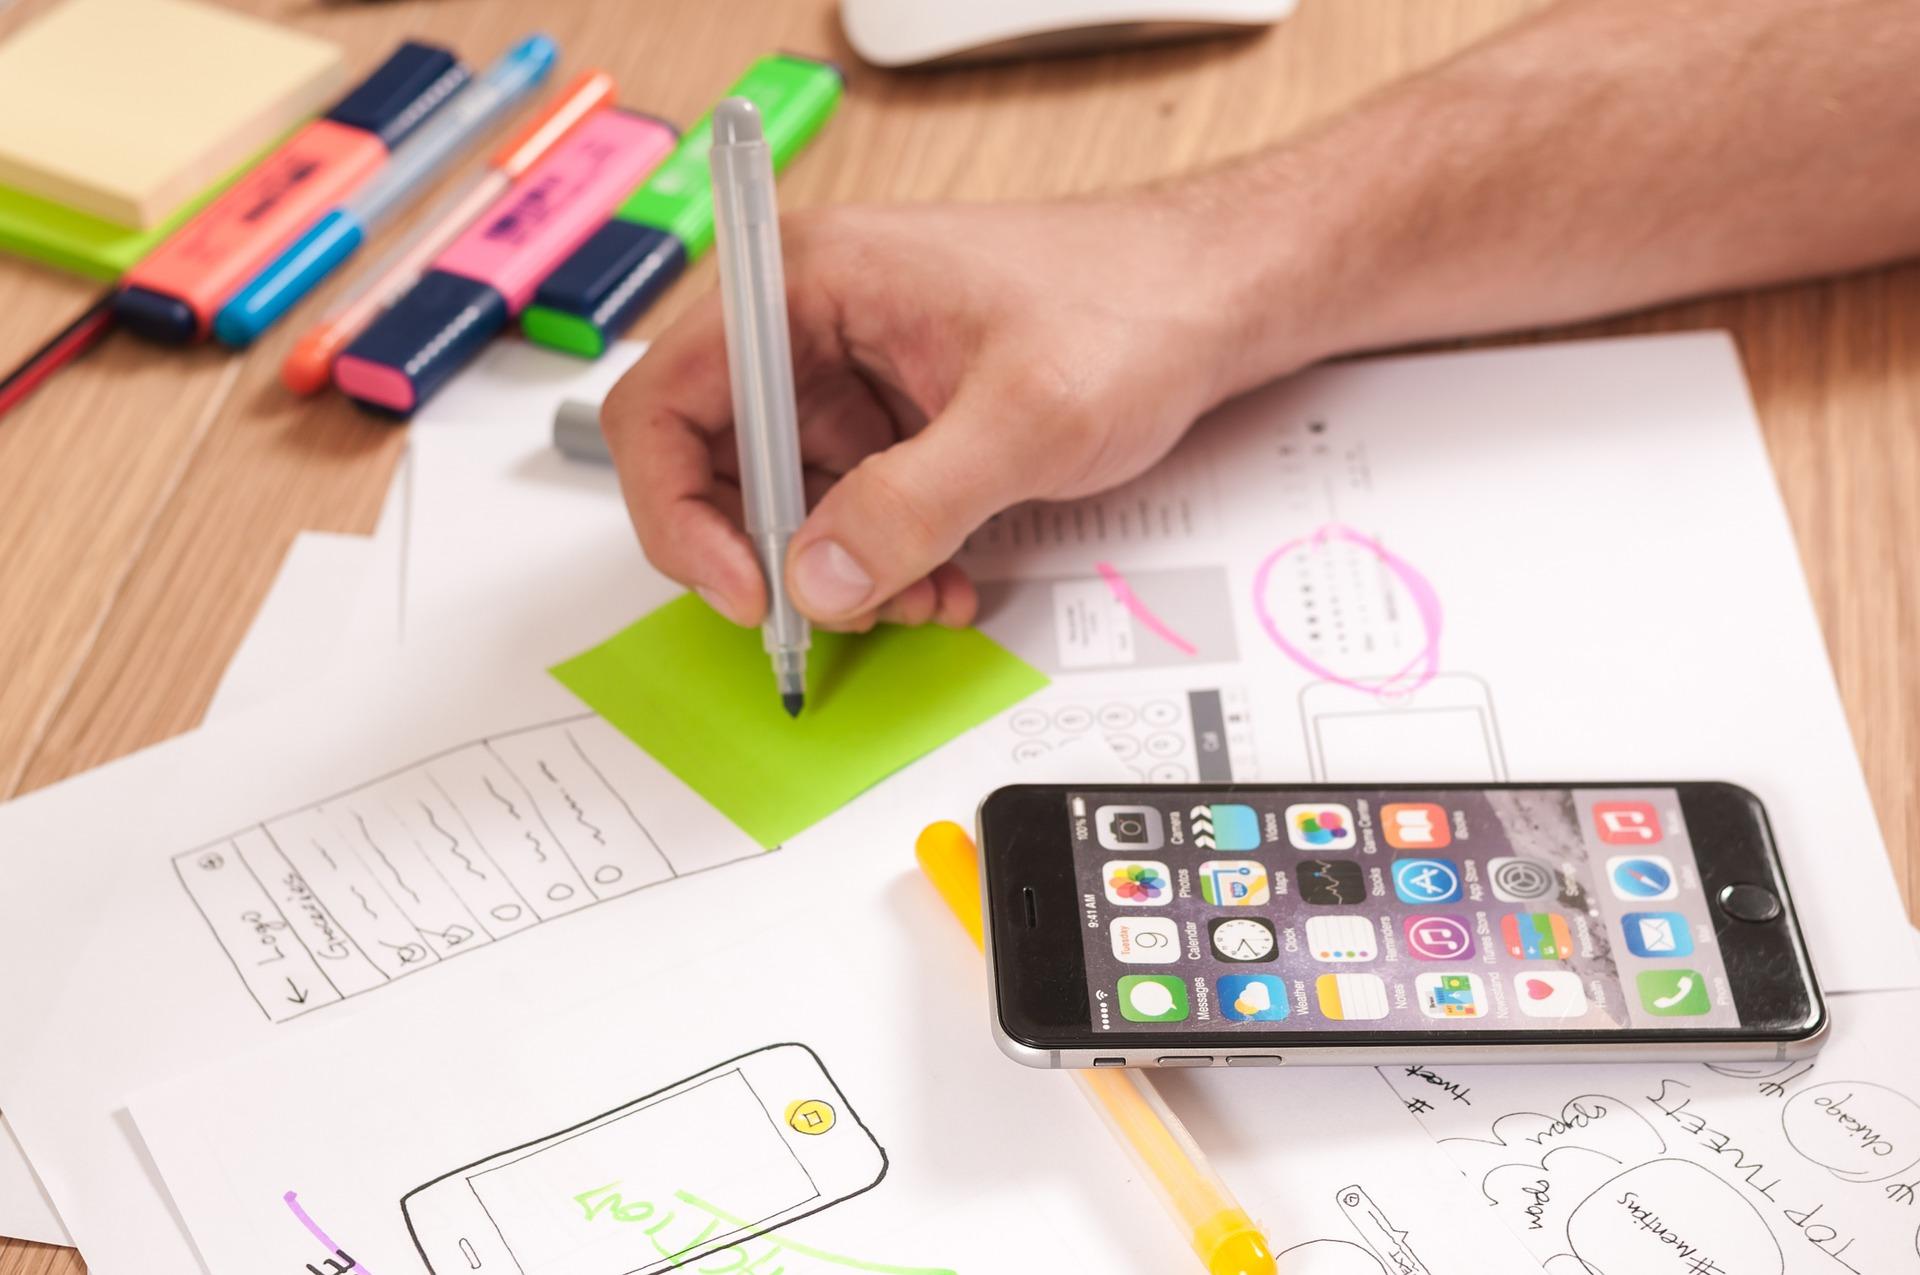 digital marketing specialists in chennai